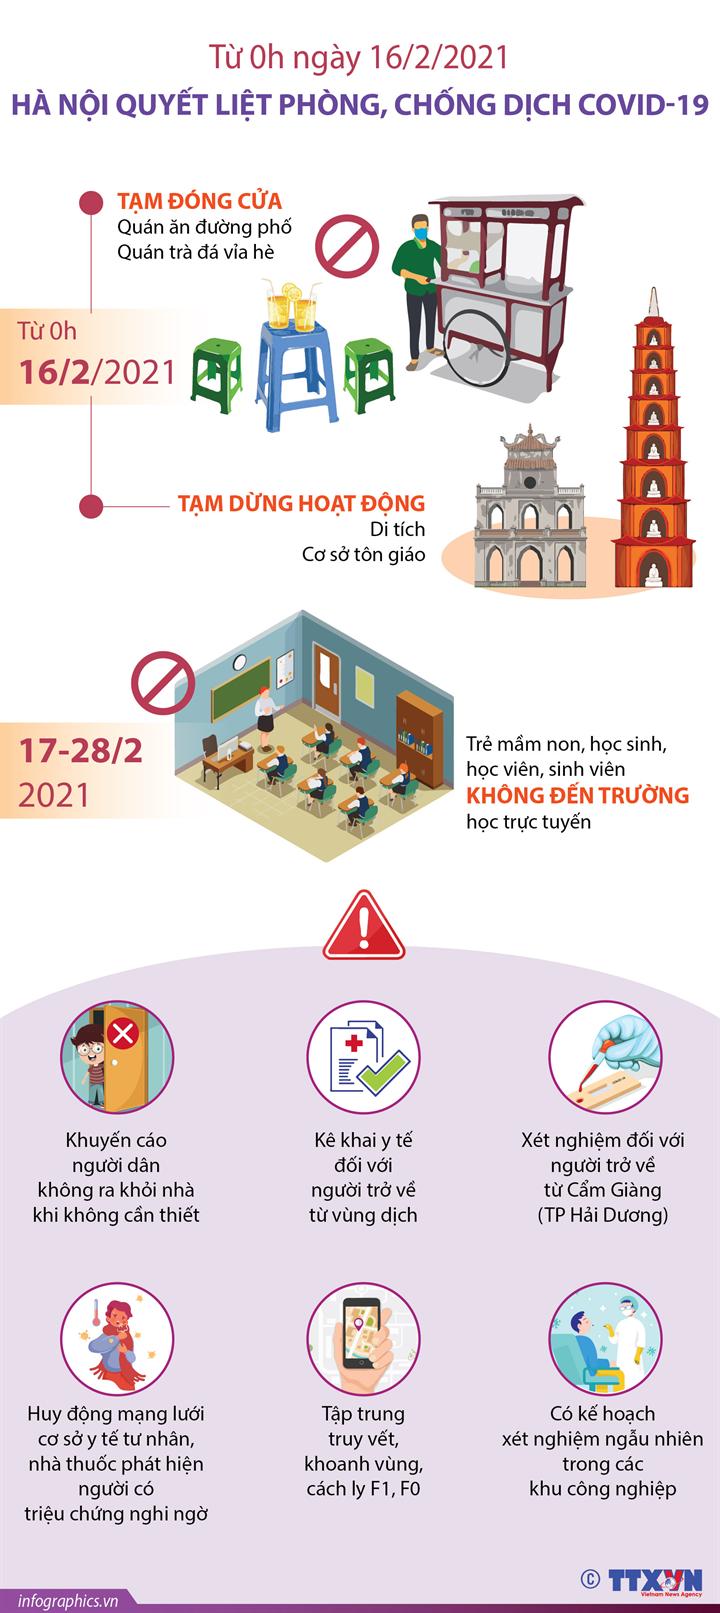 Từ 0h ngày 16/2/2021: Hà Nội áp dụng nhiều biện pháp, quyết liệt phòng, chống dịch COVID-19